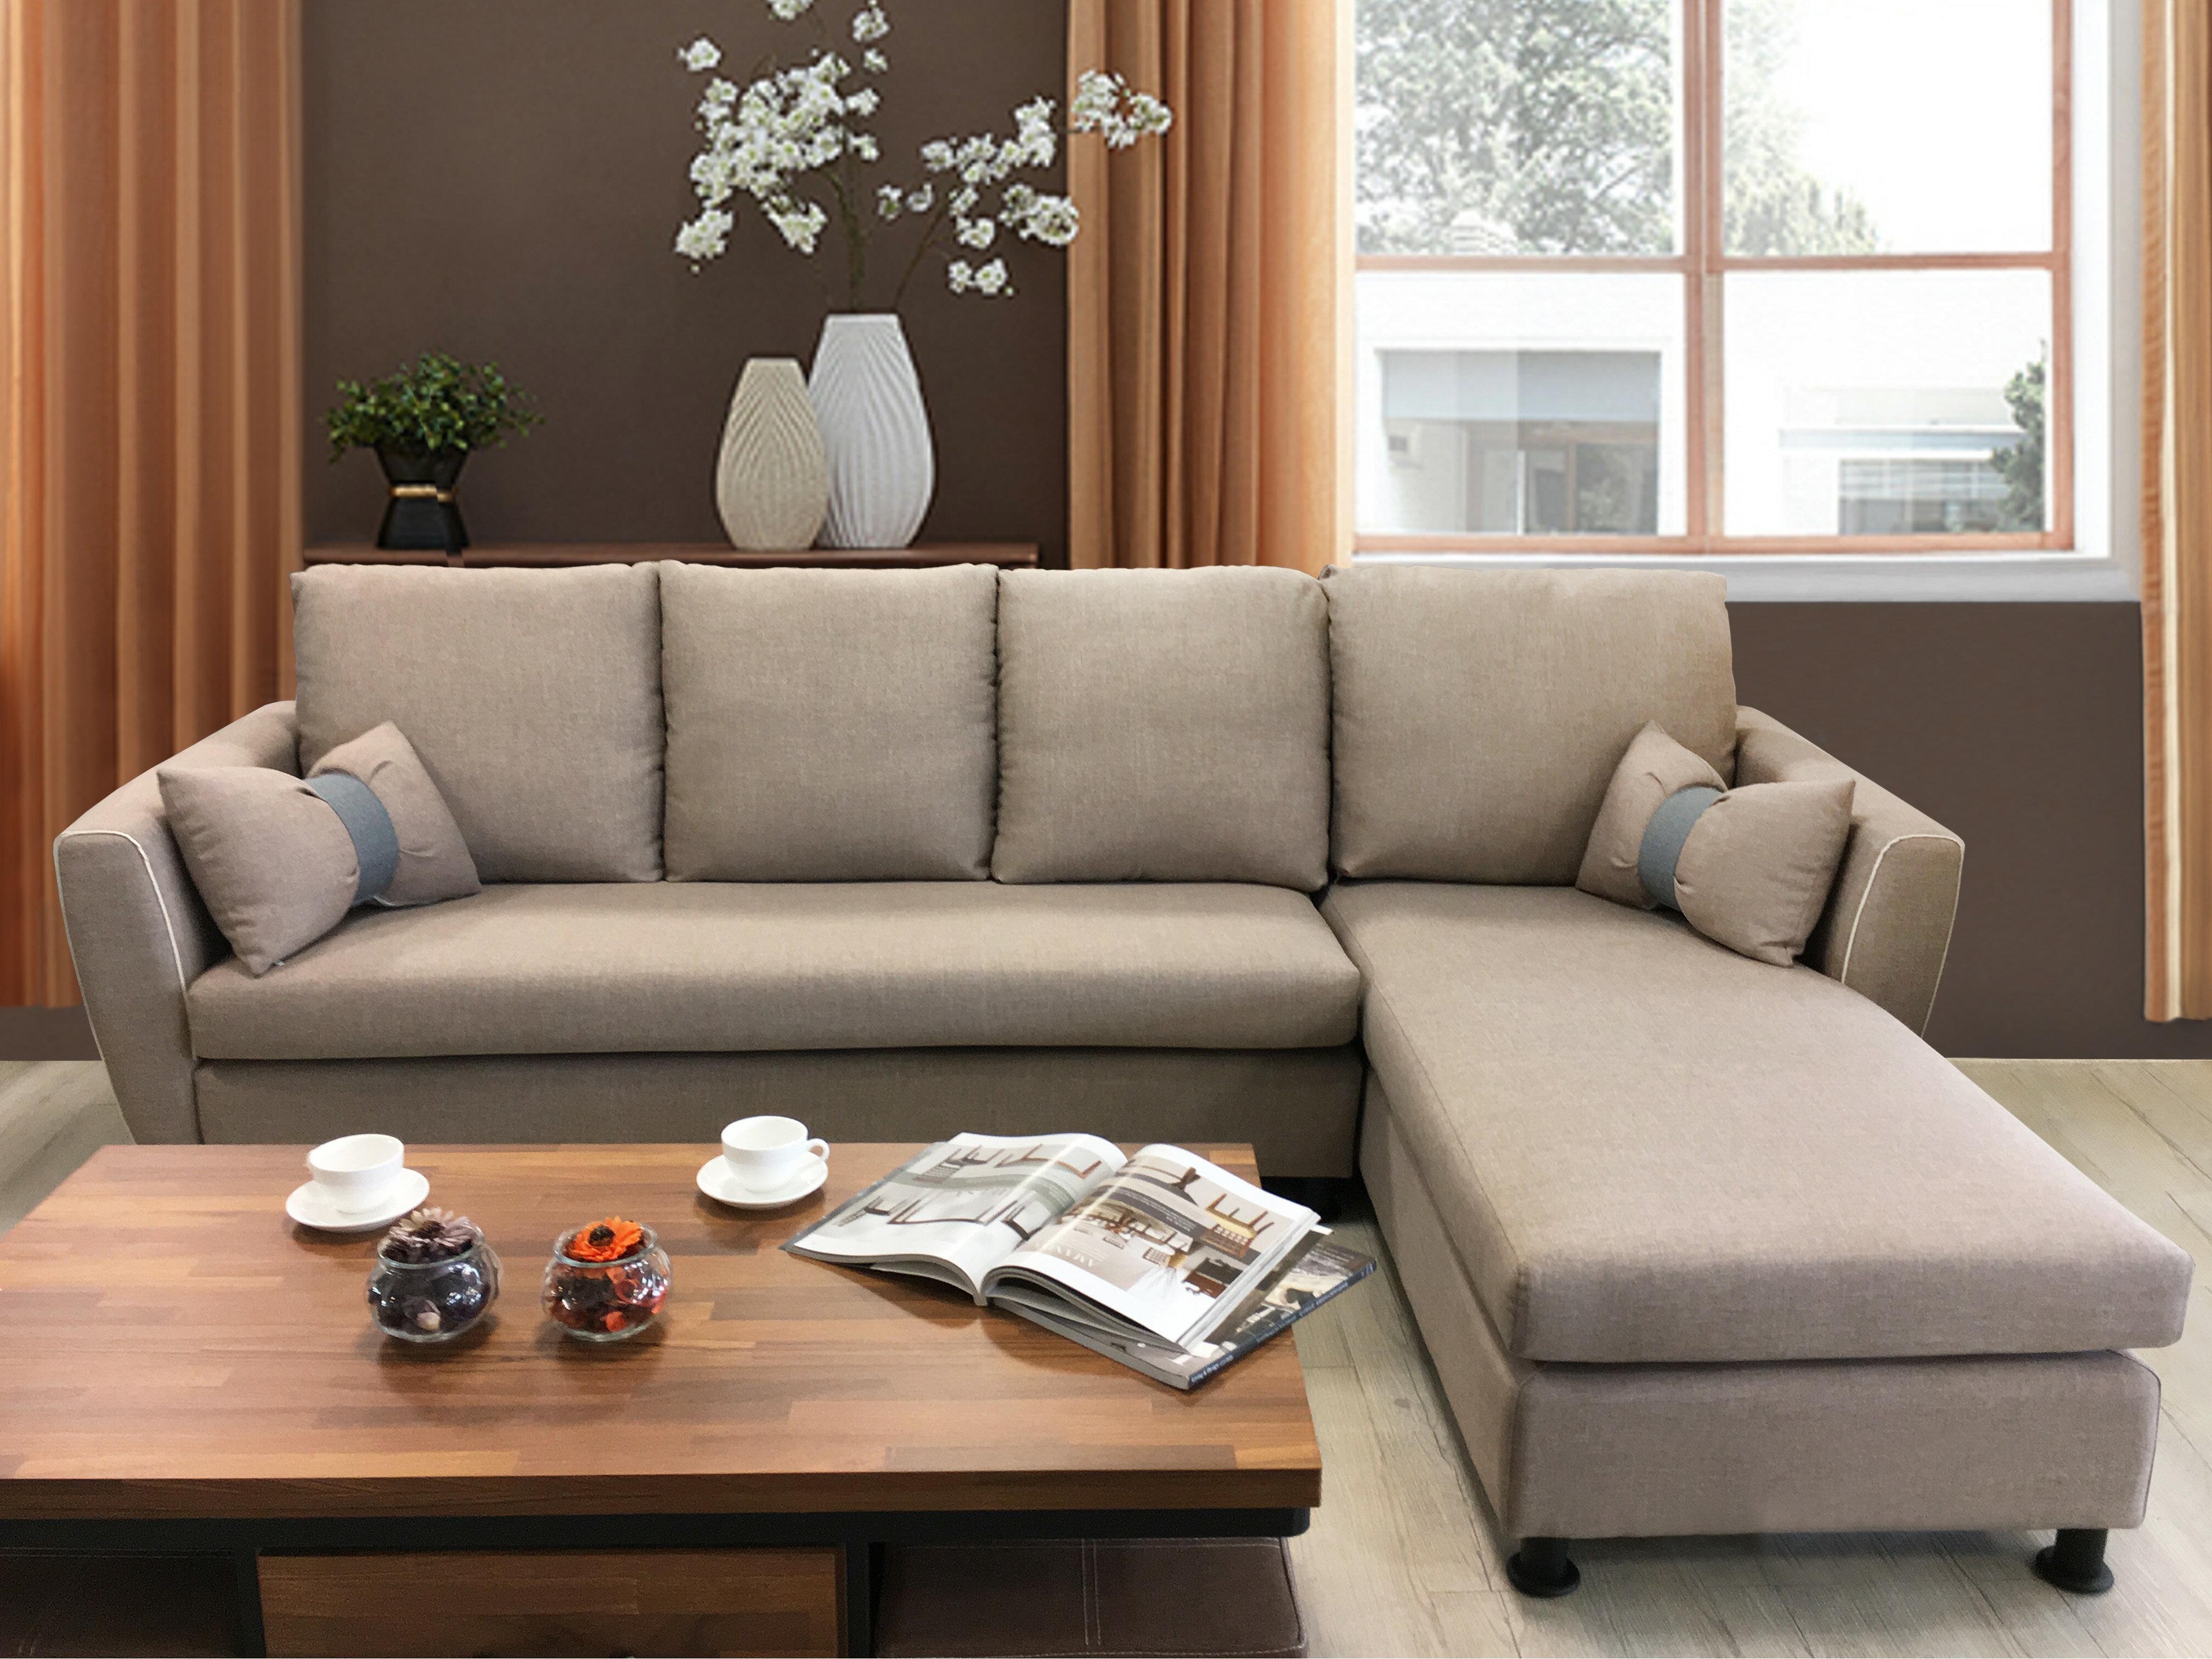 !新生活家具!《漢妮》亞麻布 L型沙發 布沙發 三人座+貴妃椅 附抱枕 古典 簡約現代 工業風